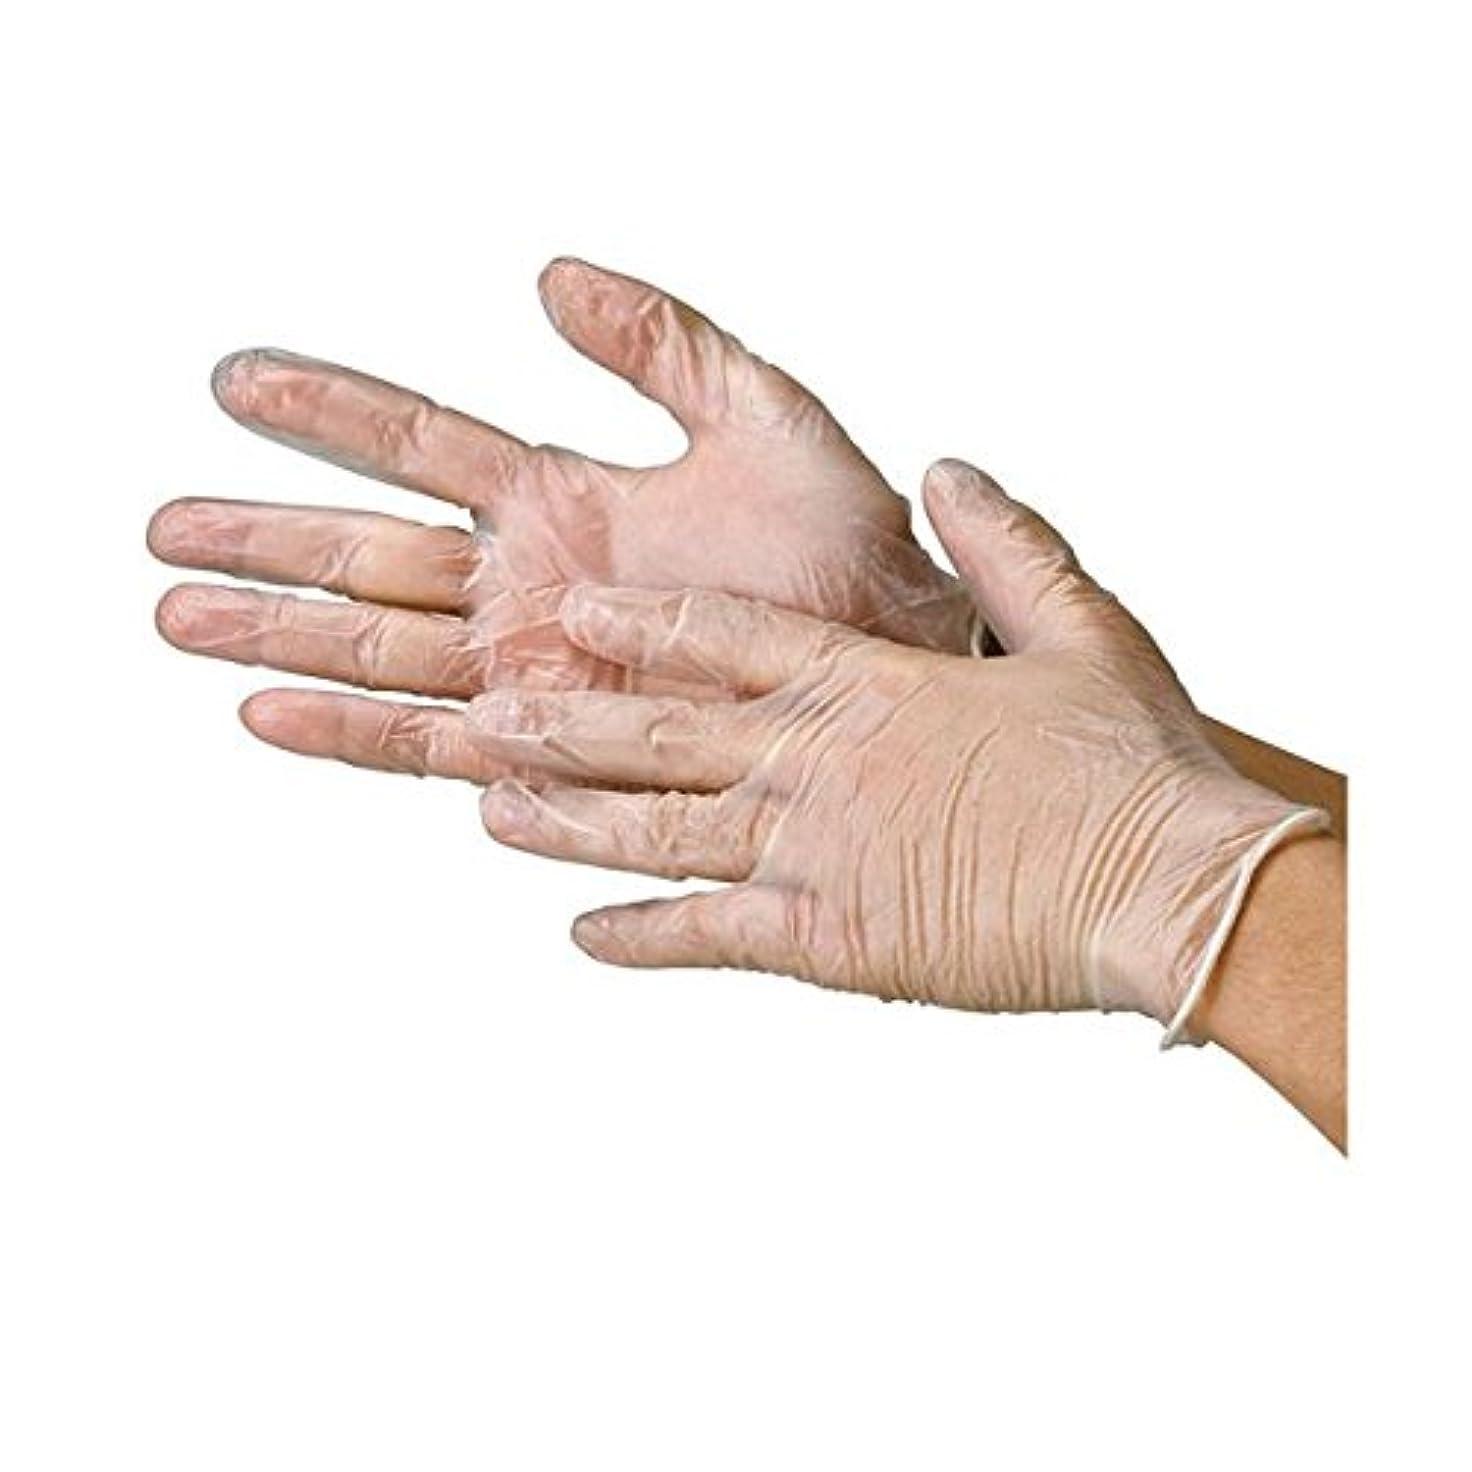 思慮のないアナロジー購入川西工業 ビニール極薄手袋 粉なし S 20箱 ダイエット 健康 衛生用品 その他の衛生用品 14067381 [並行輸入品]